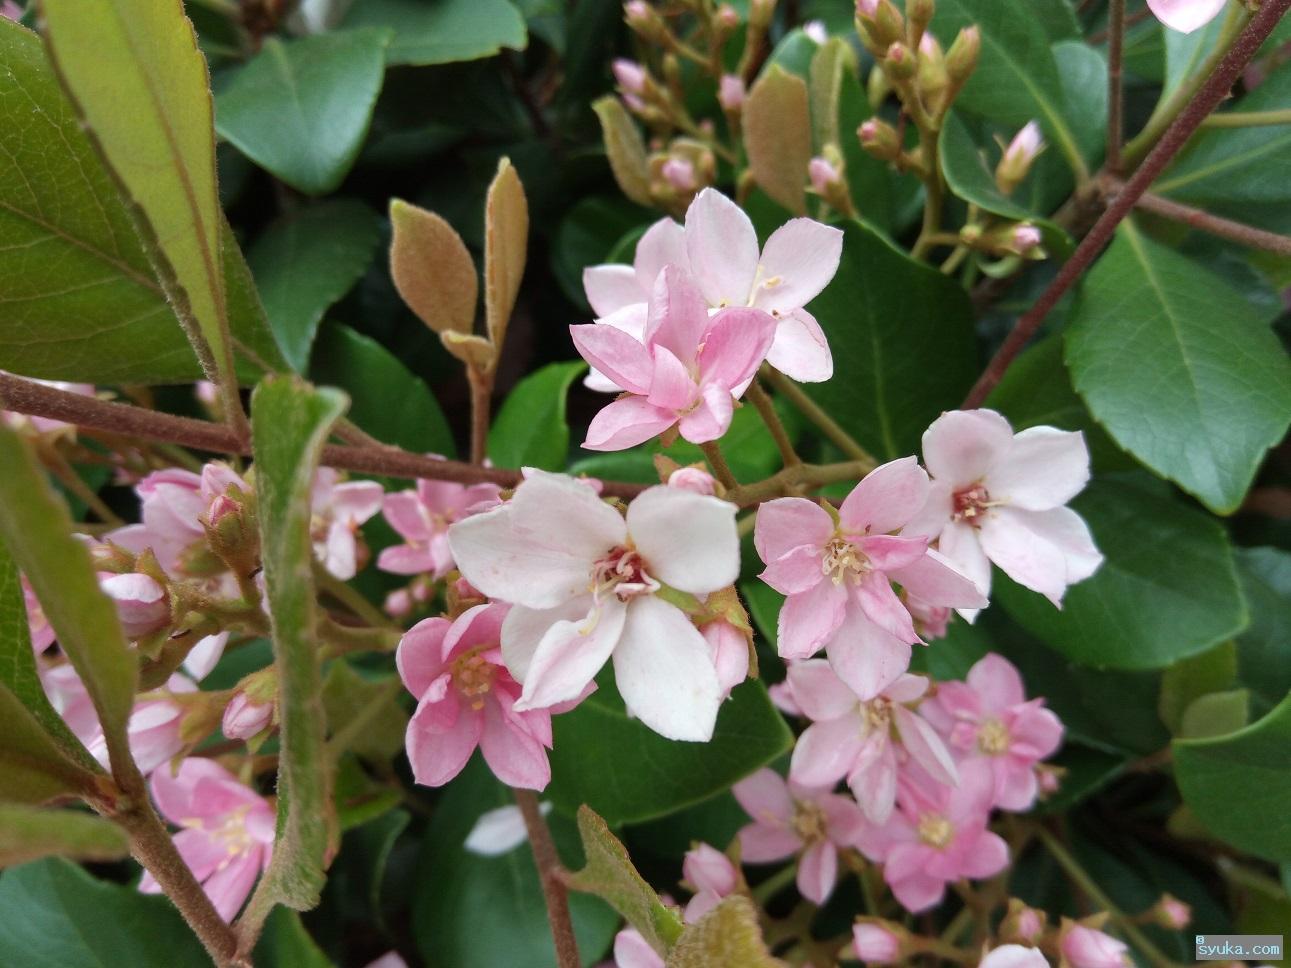 ベニバナシャリンバイの花